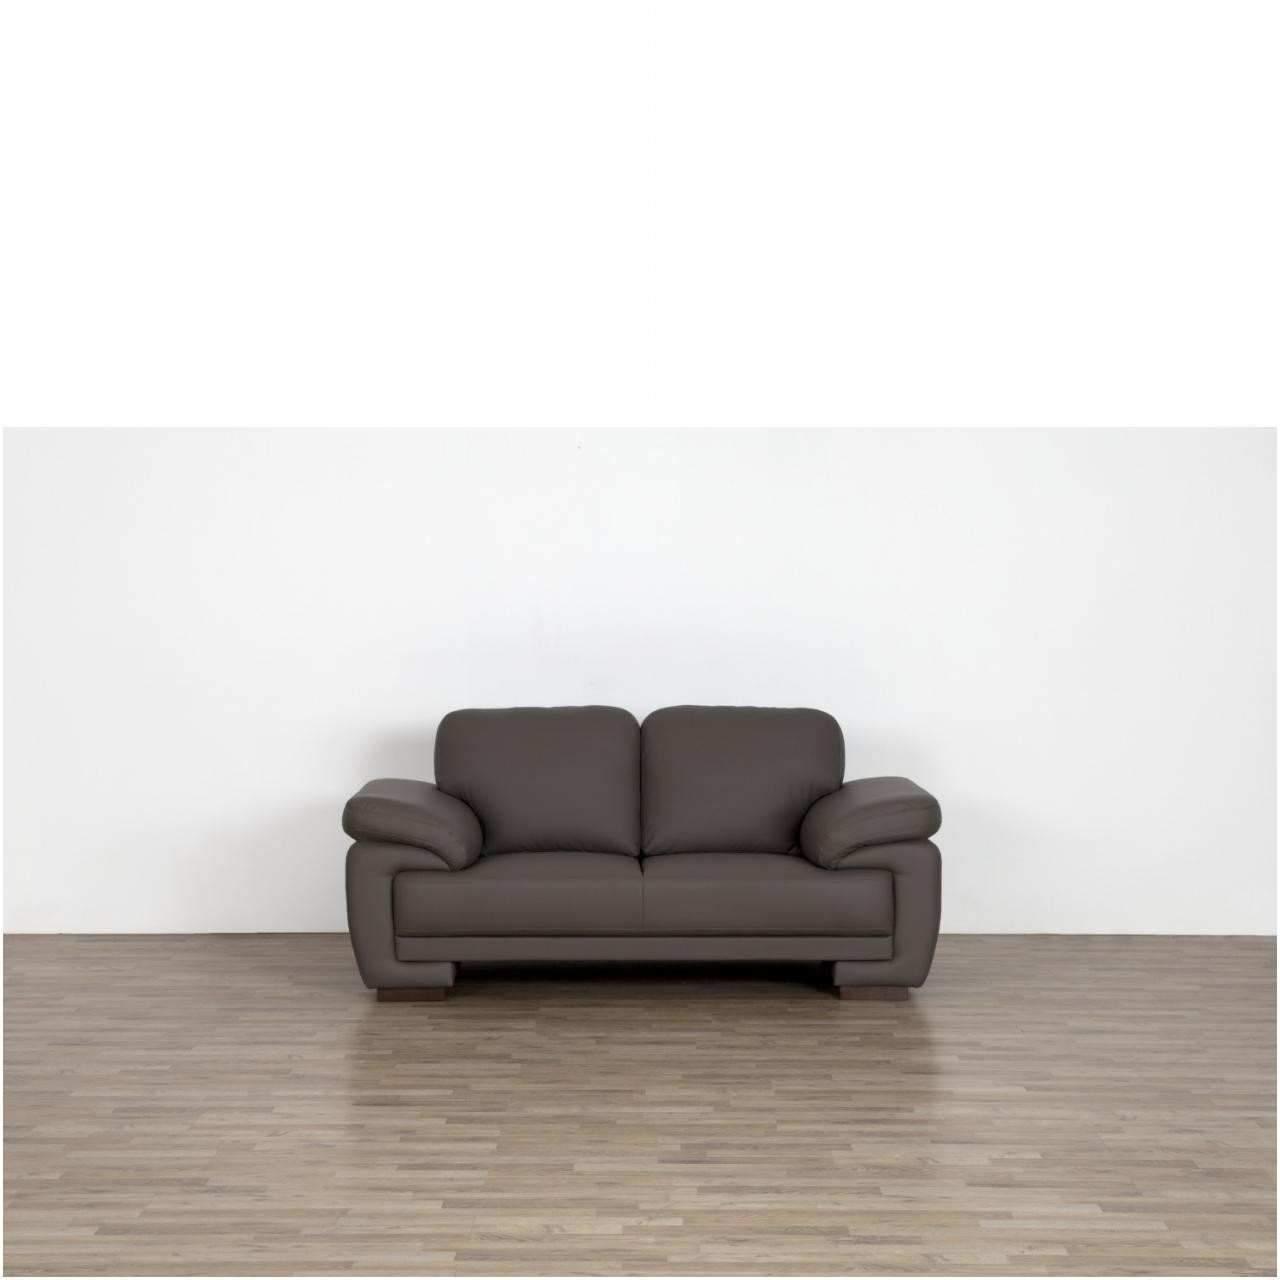 couchtisch modern gunstig das beste von sofas gnstig fabulous sofas gnstig kaufen sale auf of couchtisch modern gunstig